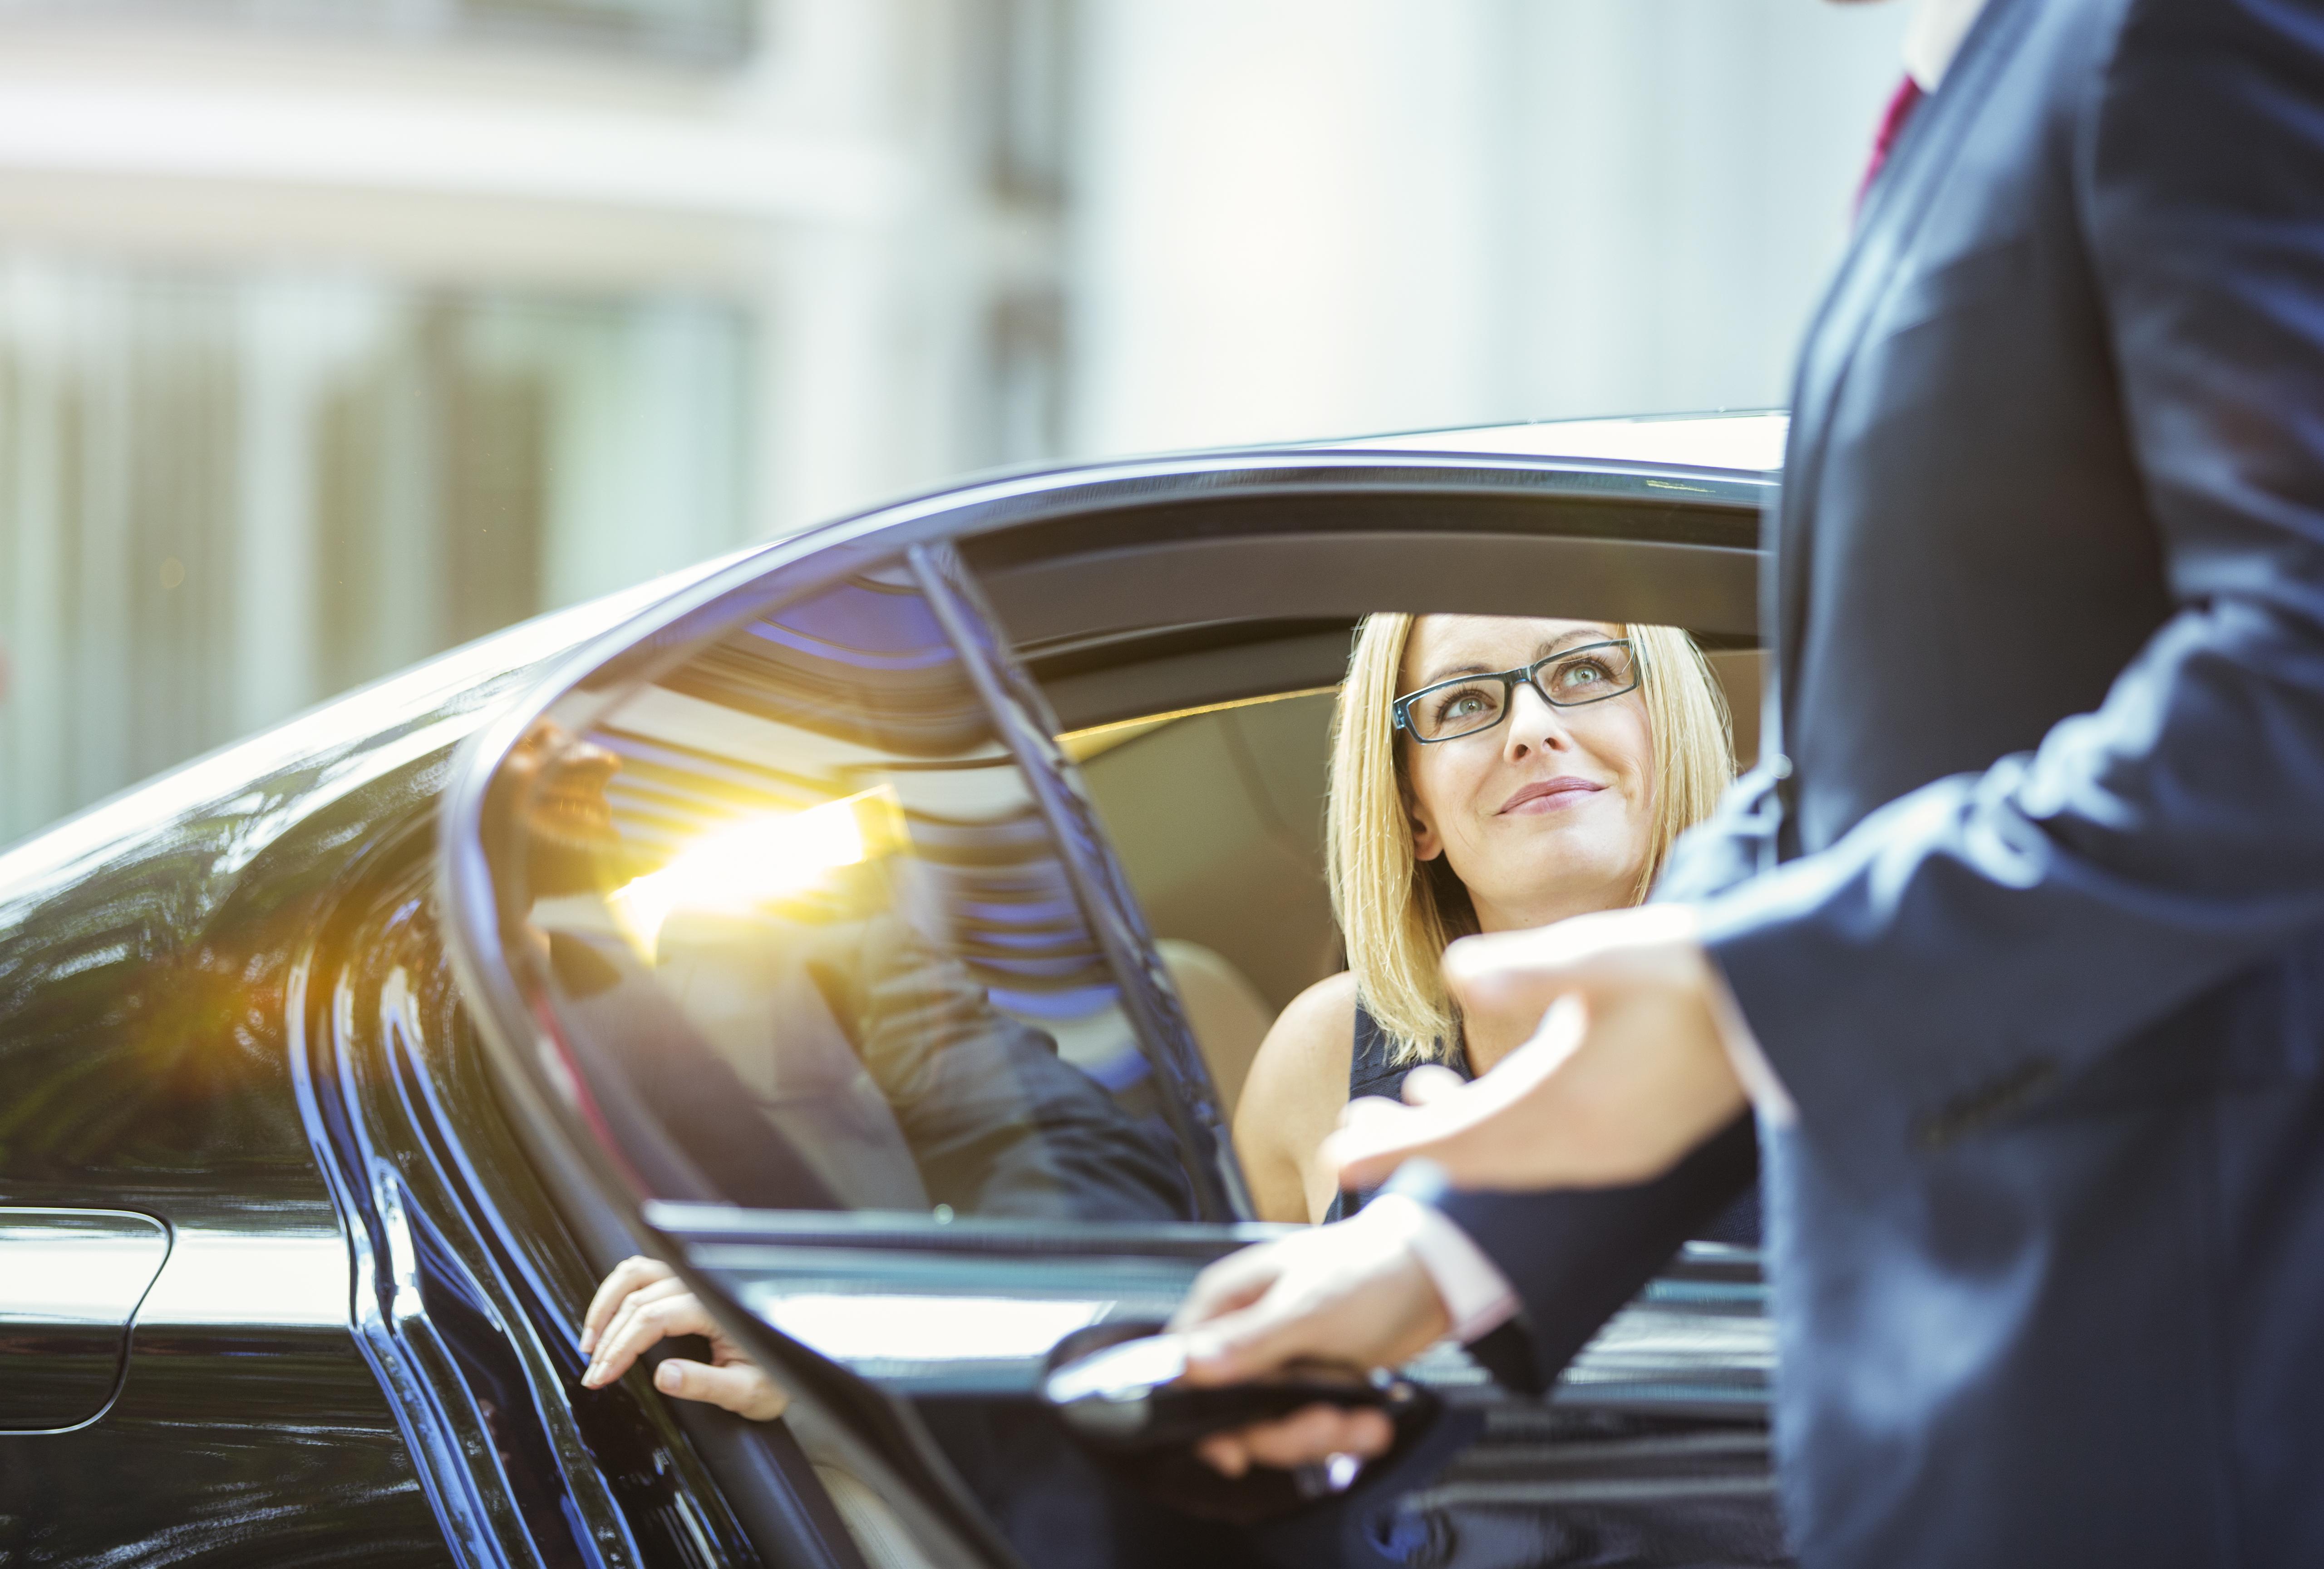 Danmarks største biludlejningsfirma, Europcar, er nu klar med limousineservice med chauffør i Danmark. Foto: Europcar.